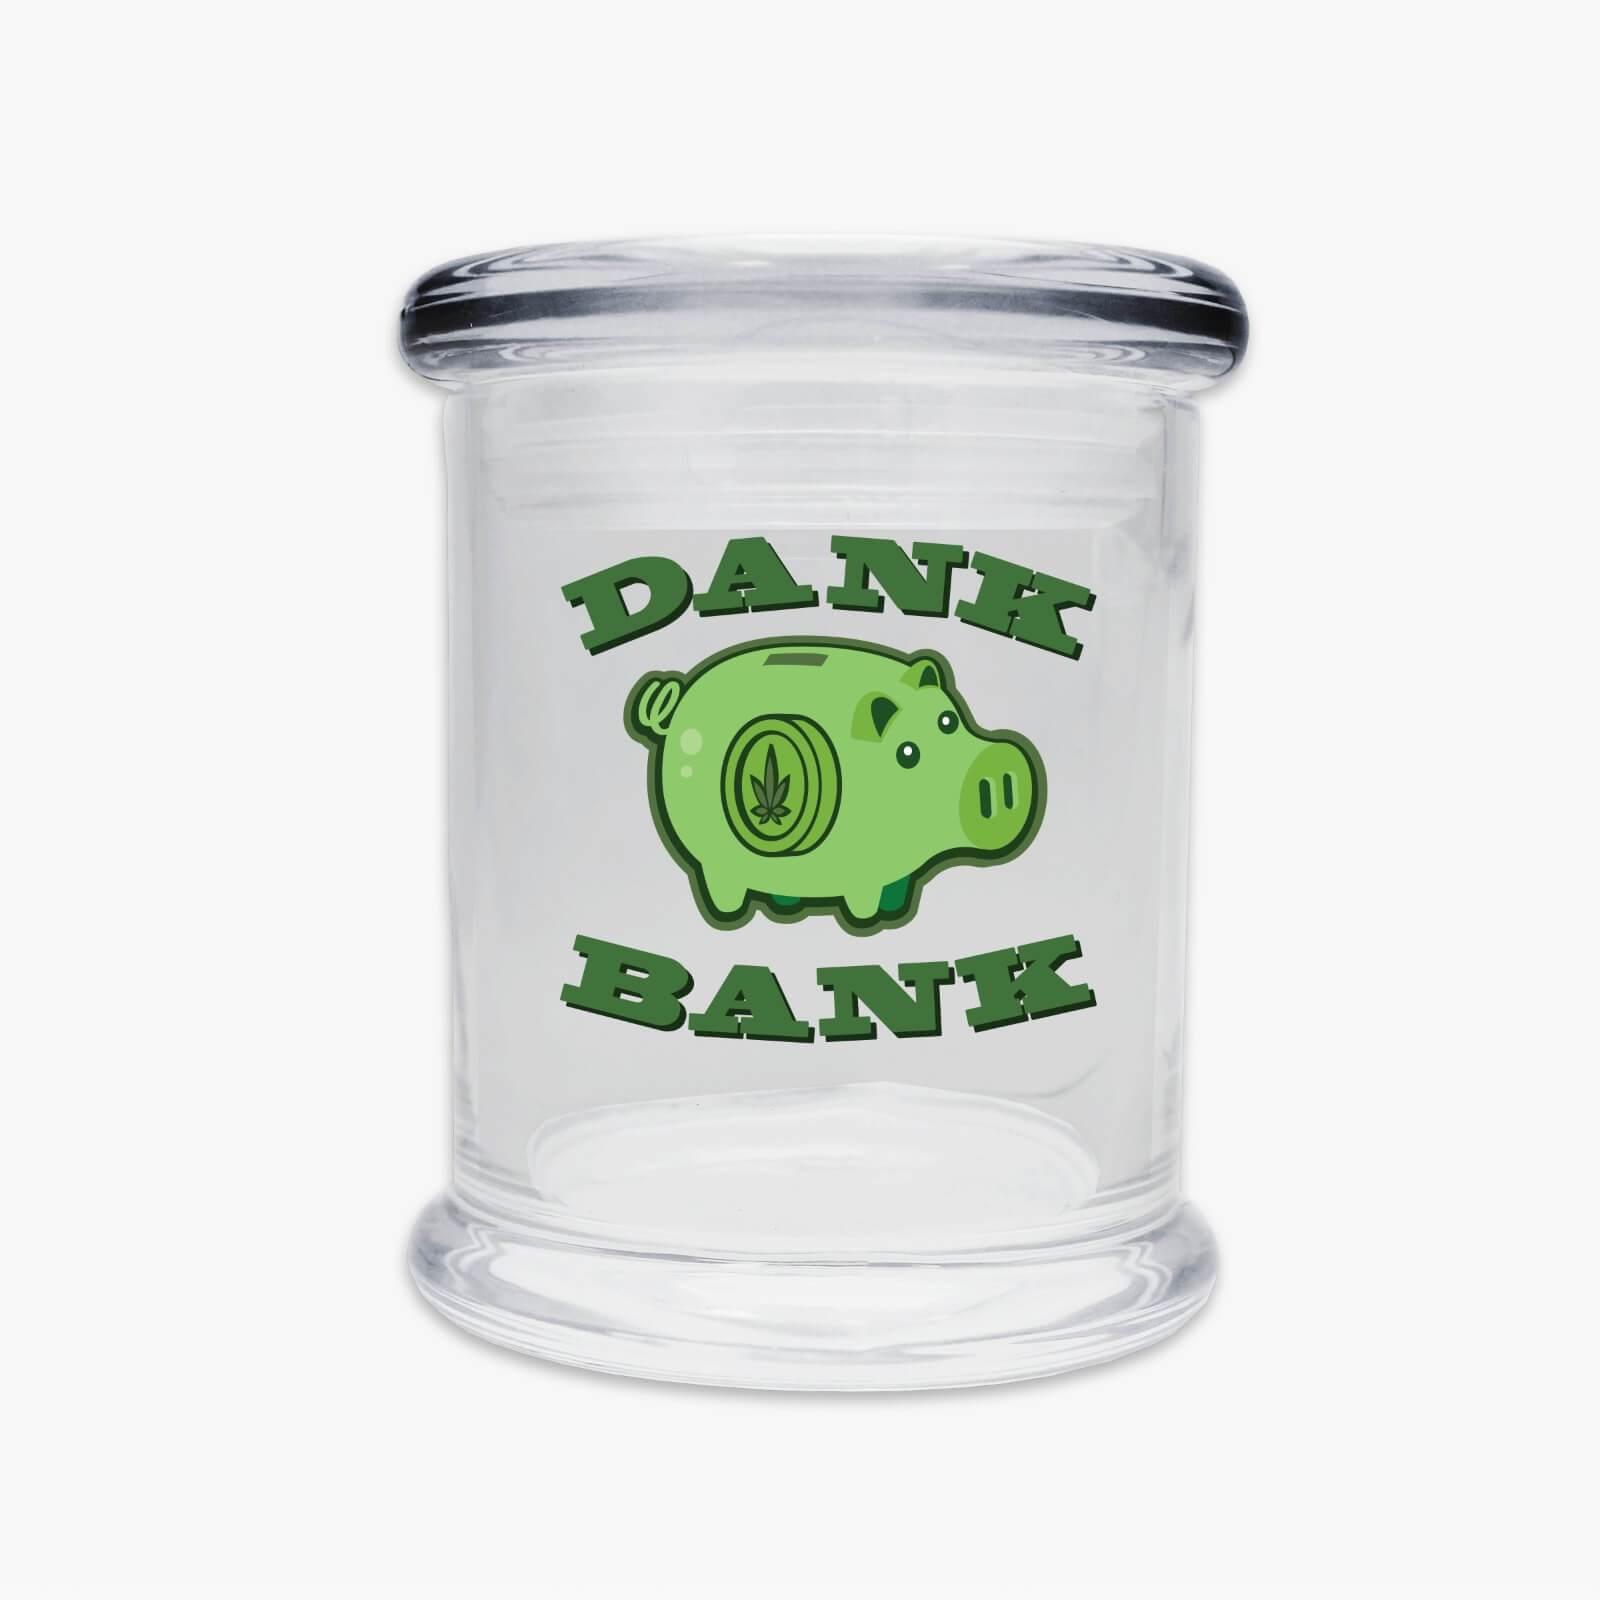 Juggz Dank Bank Glass Jar